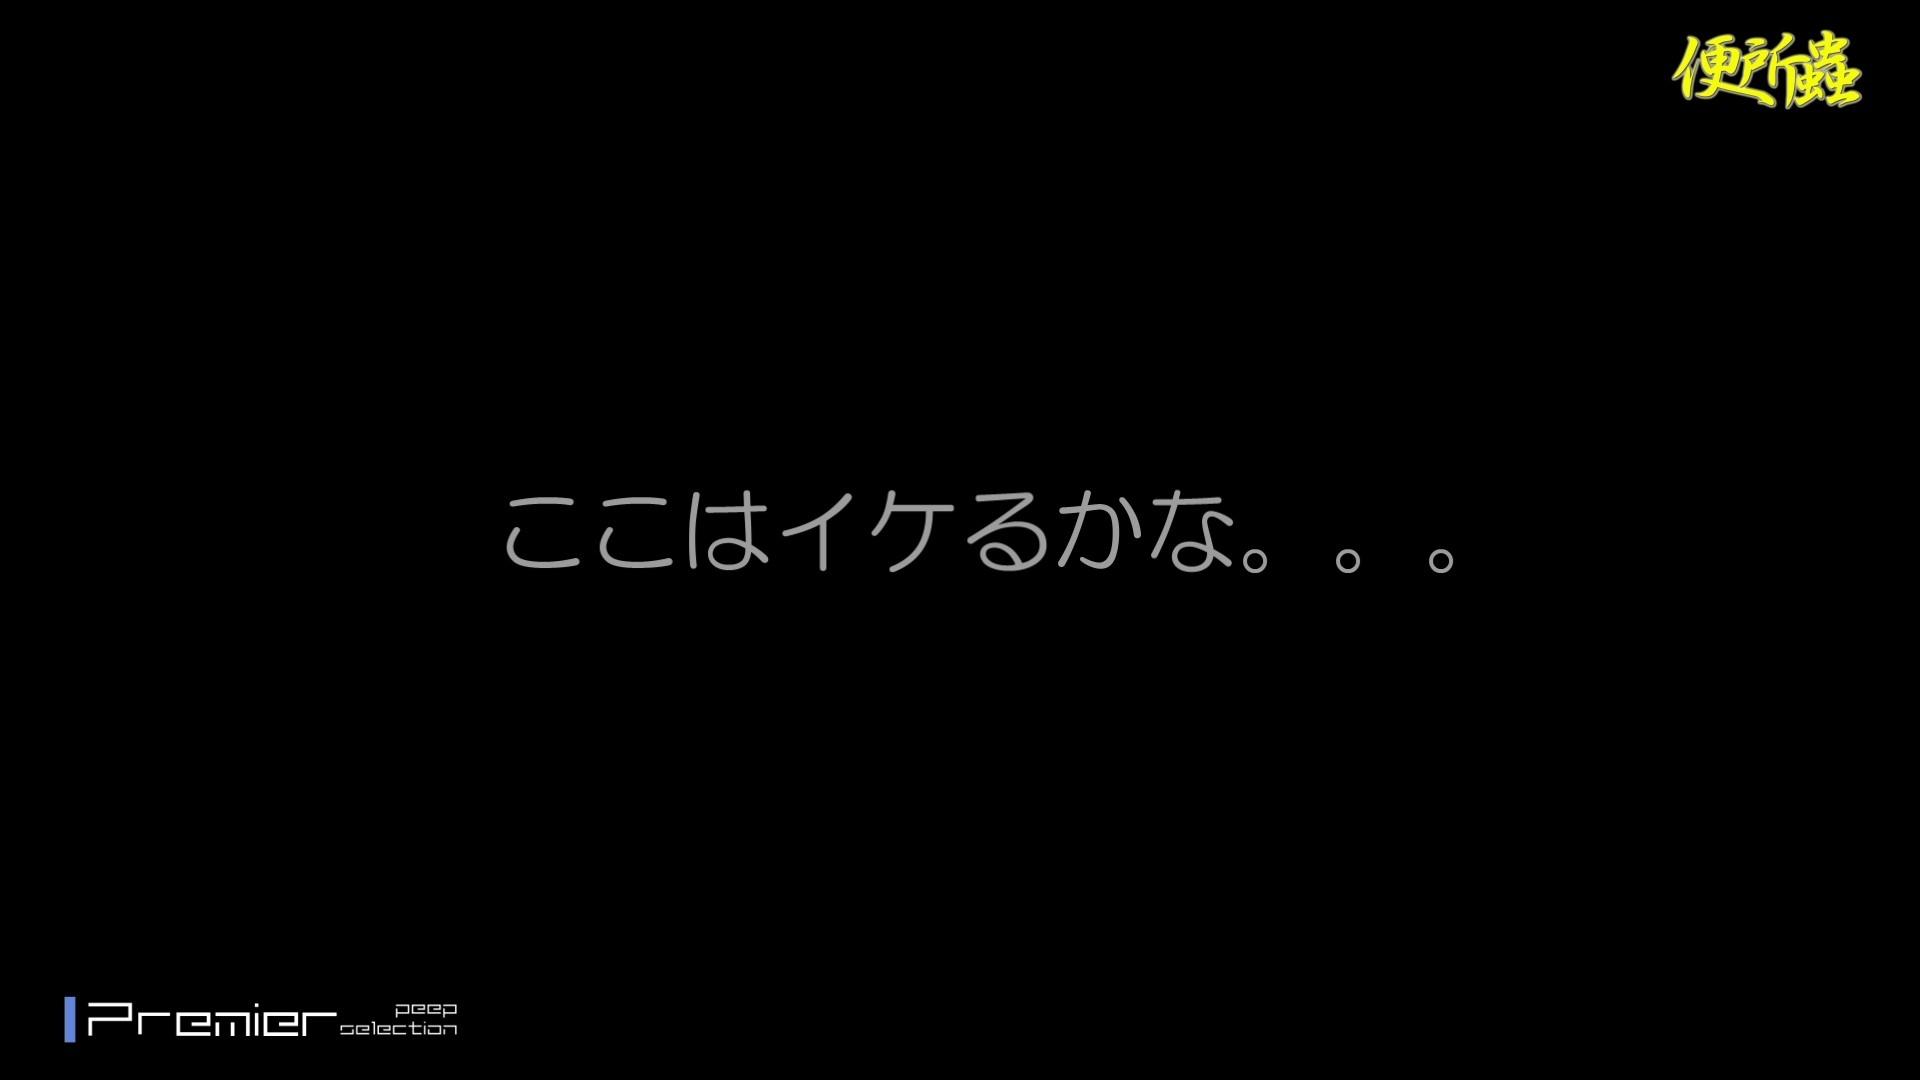 【洗面所盗撮】便所蟲さんリターン vol.24 便所ハメ撮り   盗撮エロすぎ  85連発 8